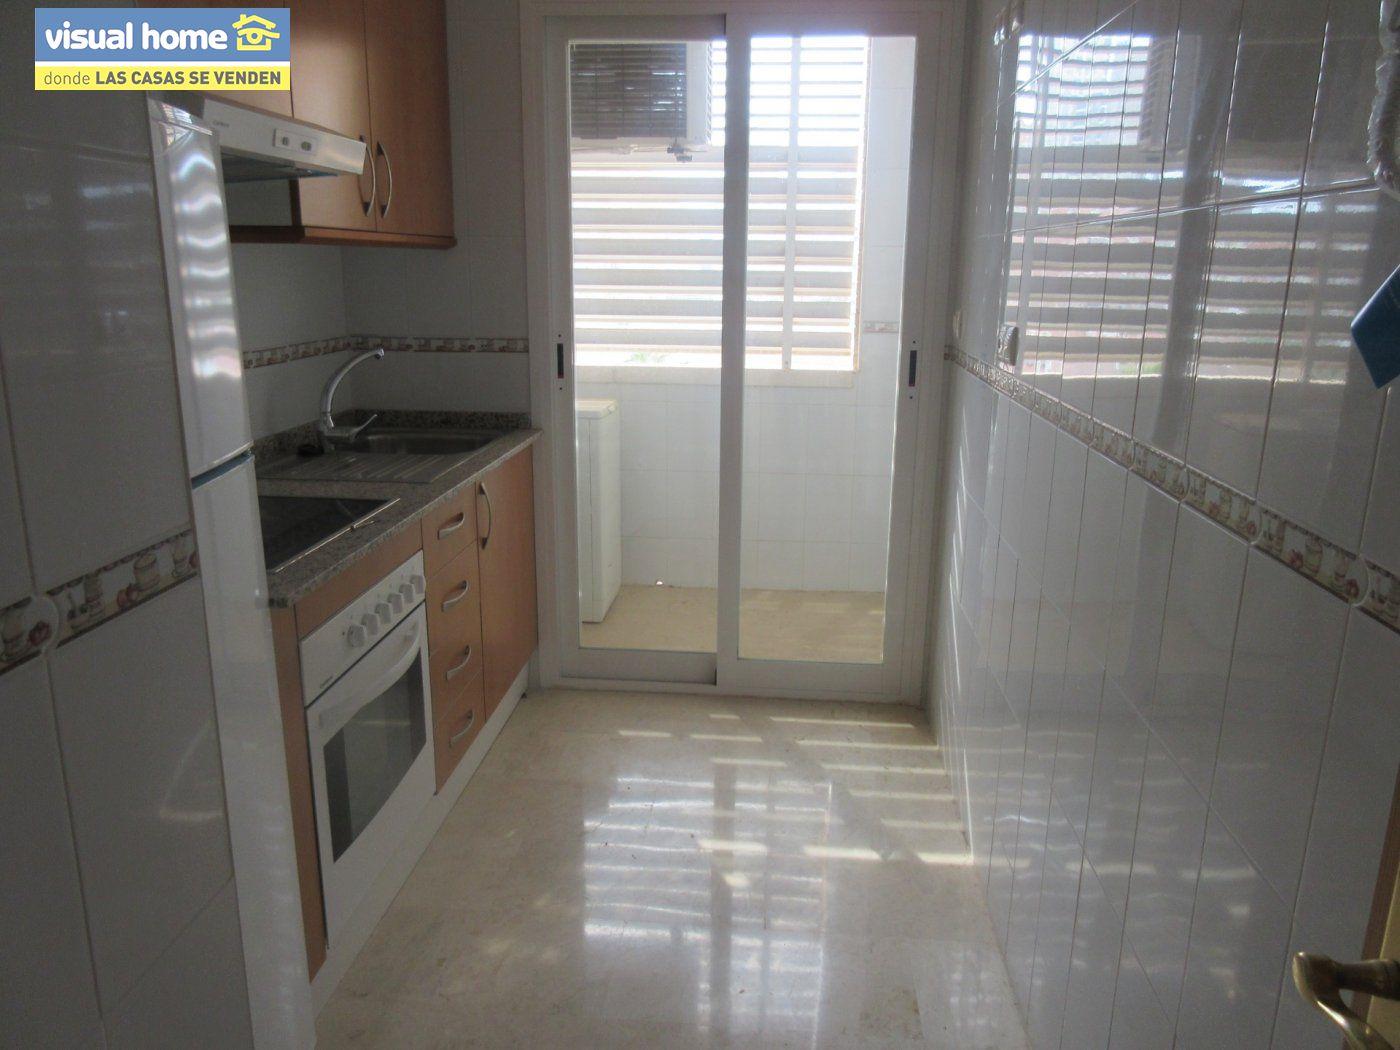 Apartamento nuevo a estrenar de  1 dormitorio(posible 2º) con garaje y piscina en Rincón de Loix 8